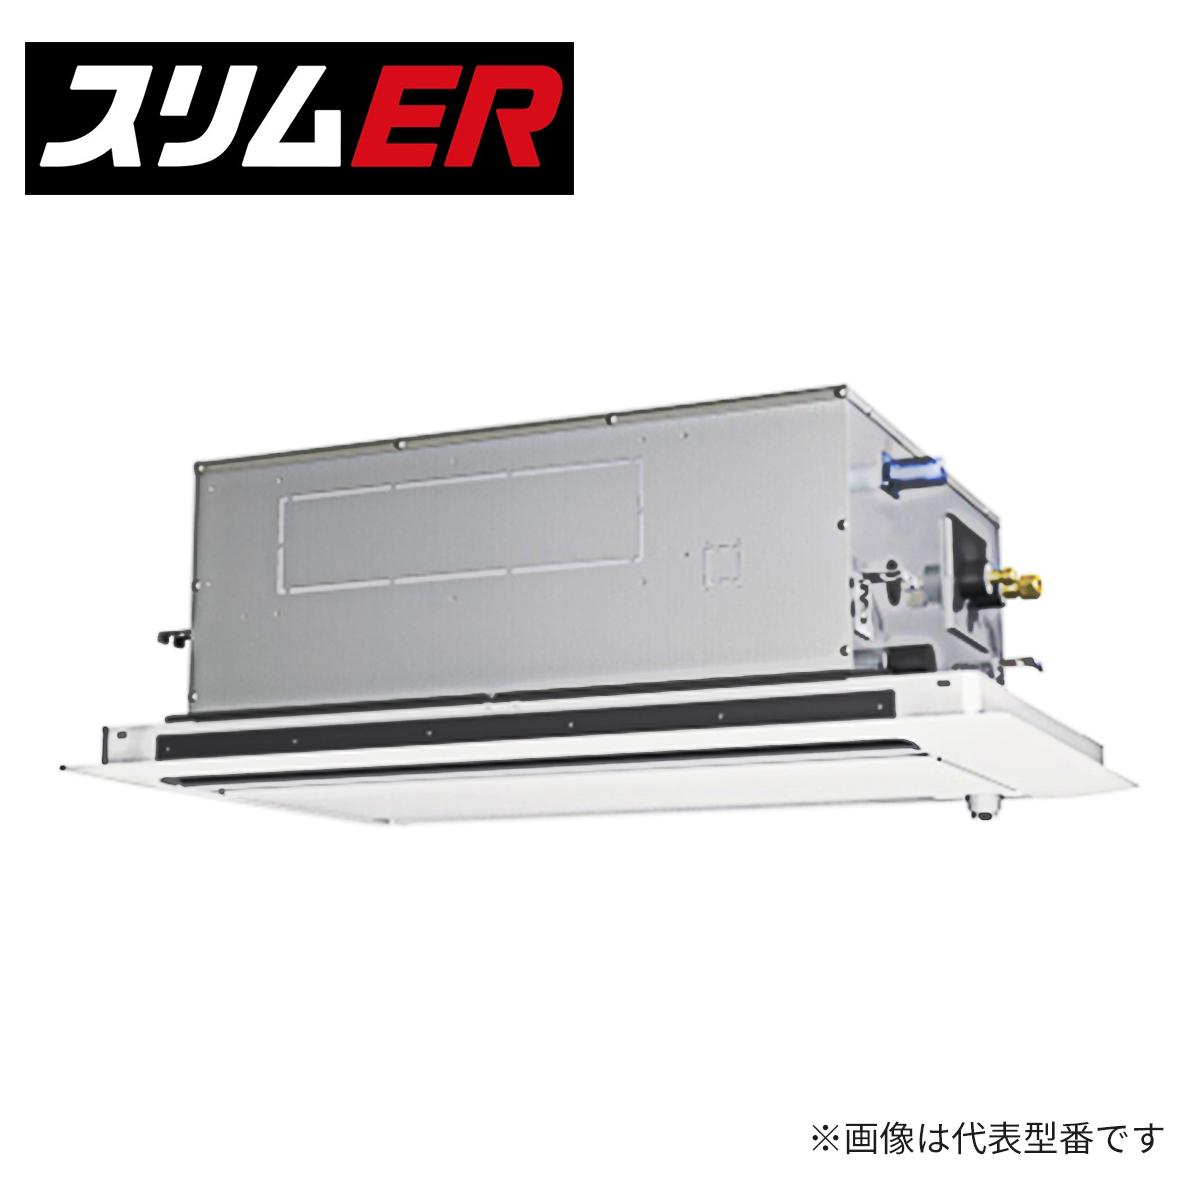 ###三菱 業務用エアコン【PLZ-ERMP63LR】スリムER 2方向天井カセット形 標準シングル 三相200V 2.5馬力